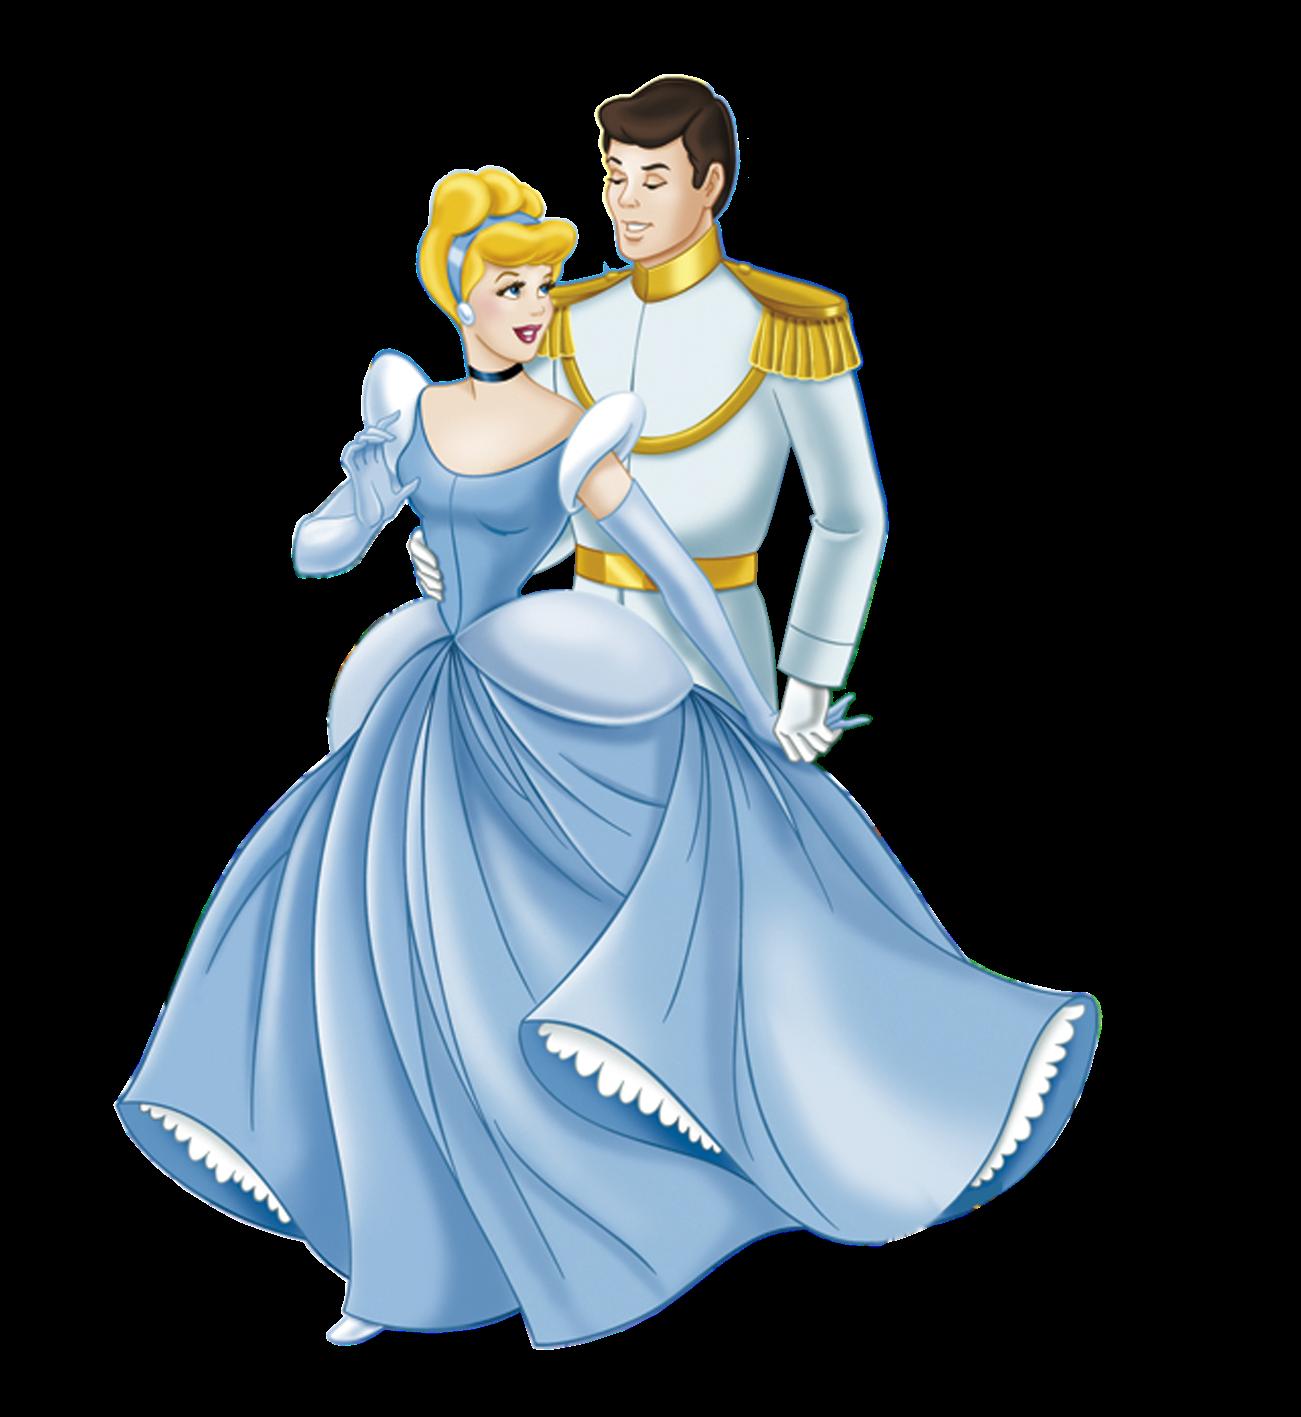 Tiana Transparent Animated Princess: Doce Cantinho Da Rê: Princesa Cinderela Png